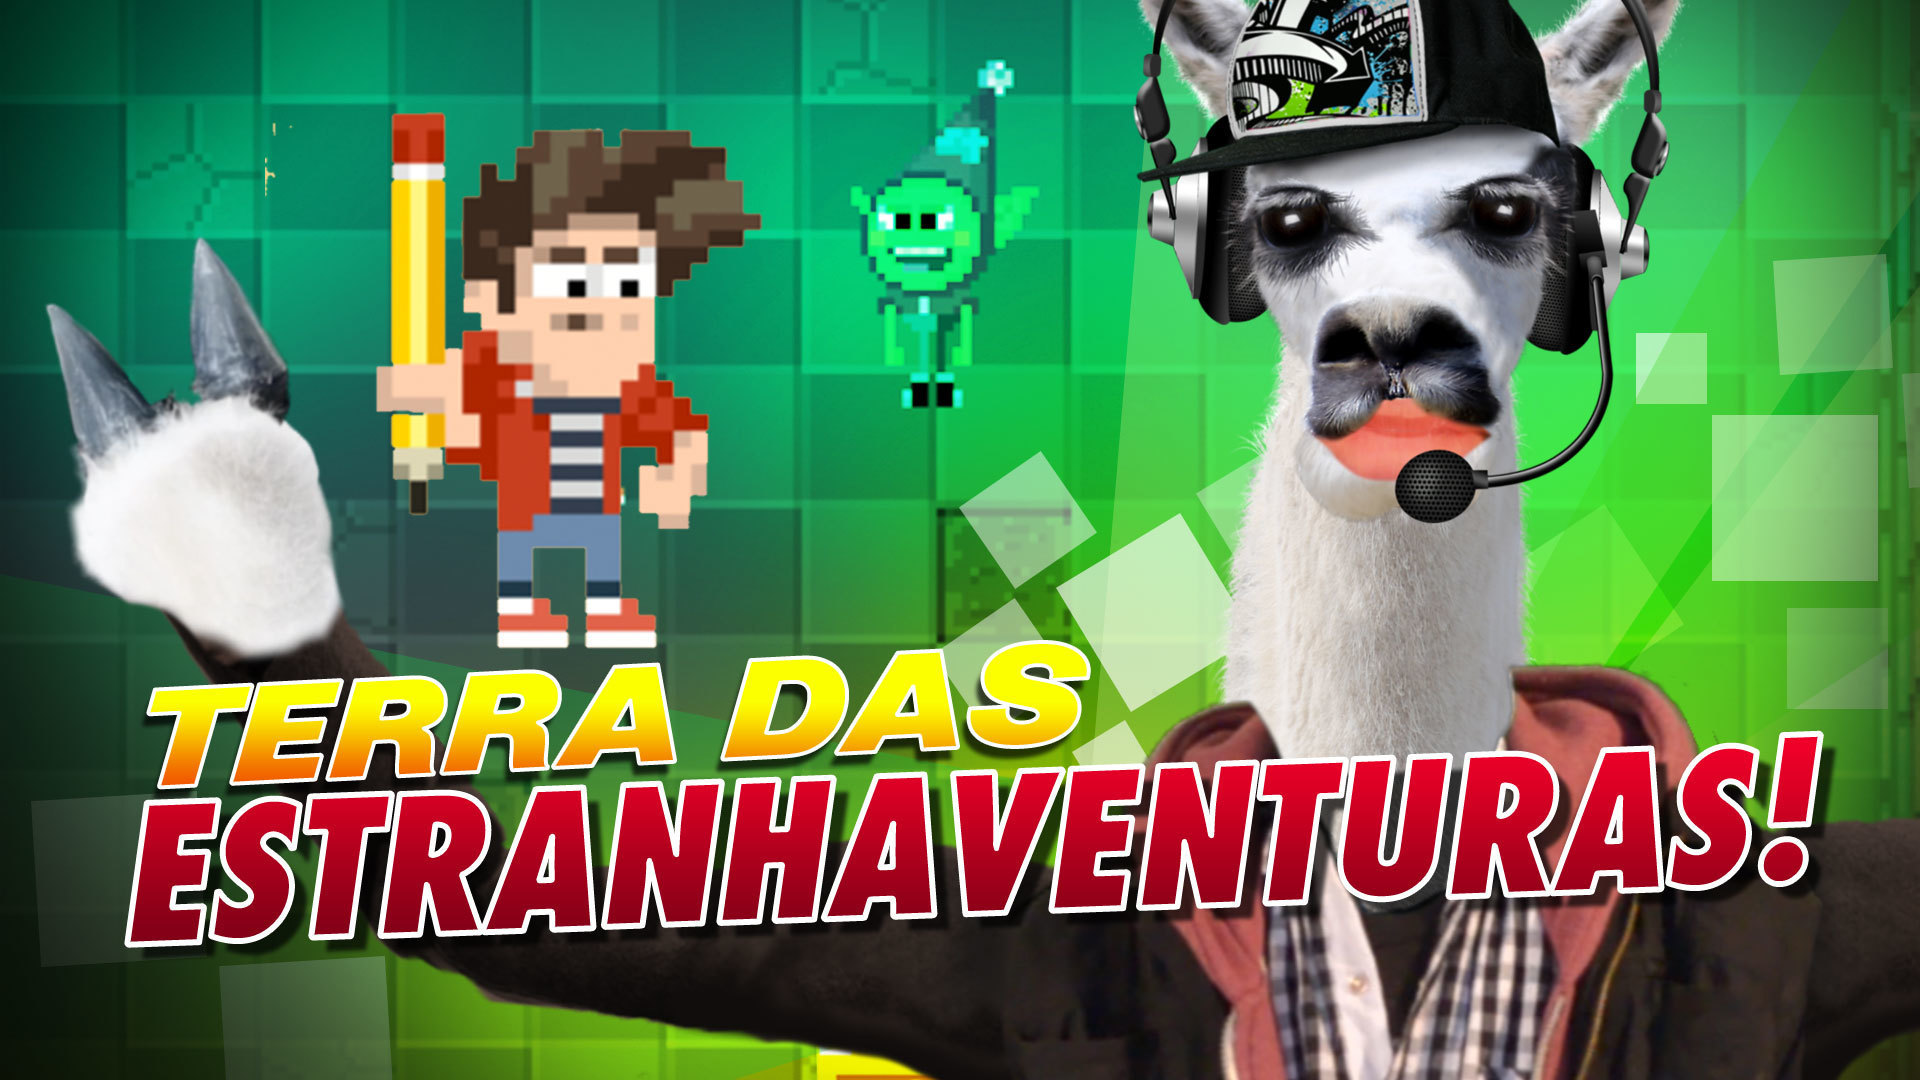 #PlaySteve - Terra da Estranhaventura!